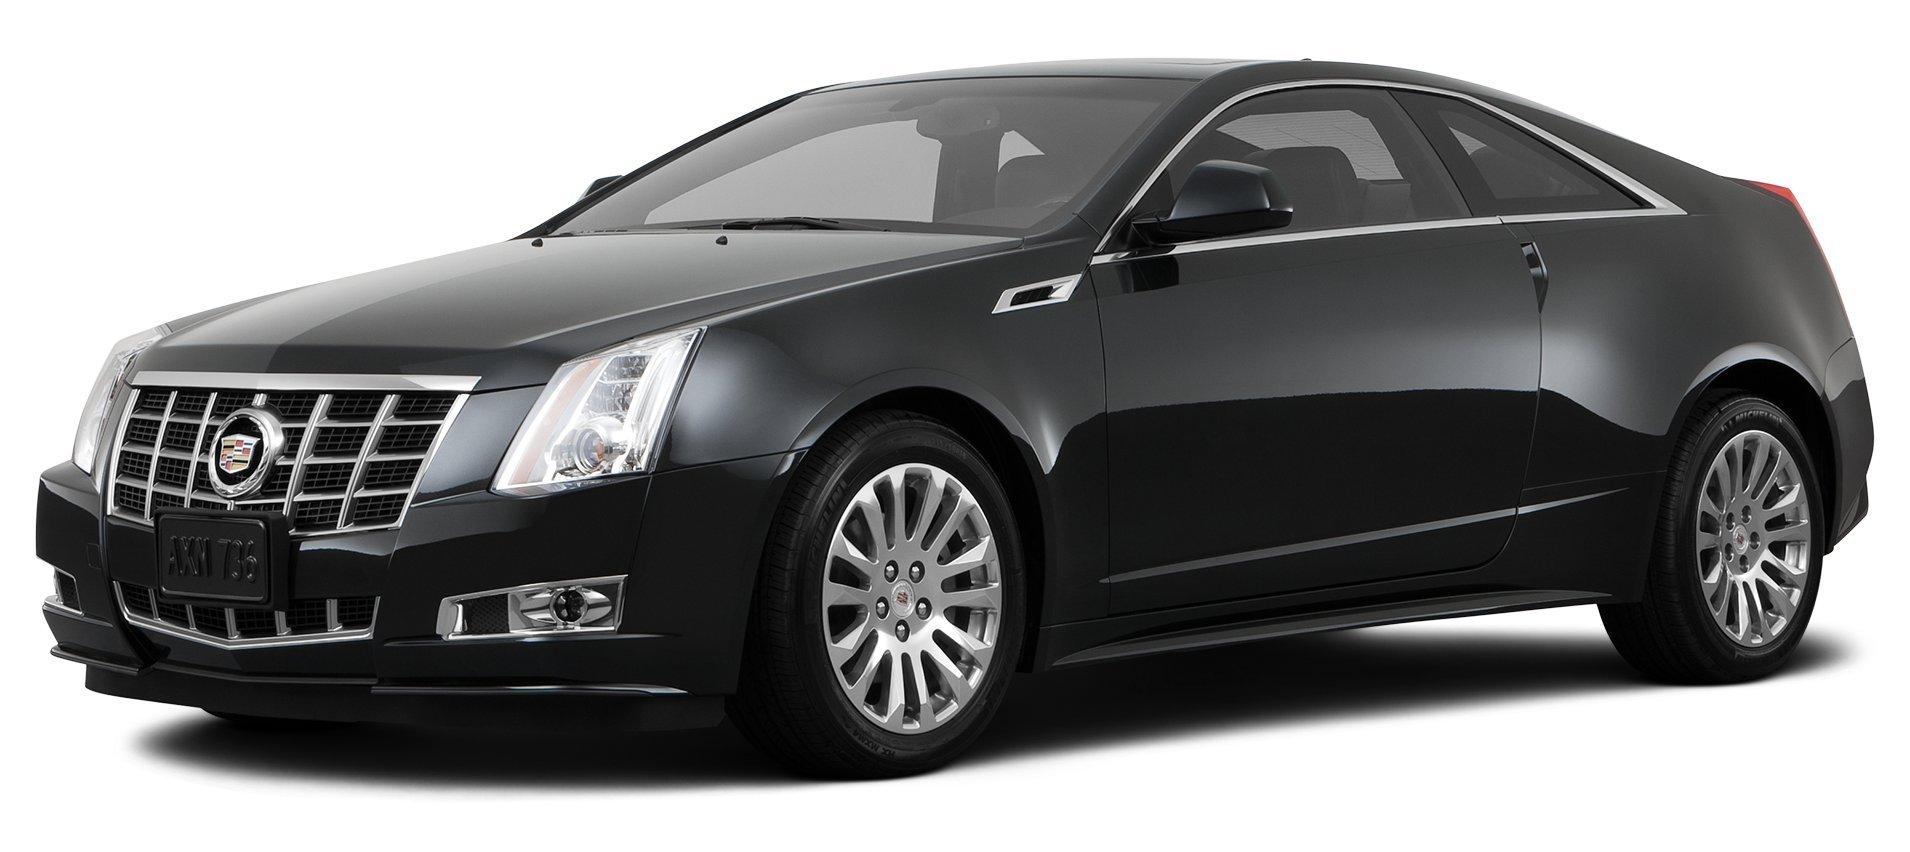 ... 2013 Cadillac CTS Premium, 4-Door Sedan 3.6L Rear Wheel Drive ...